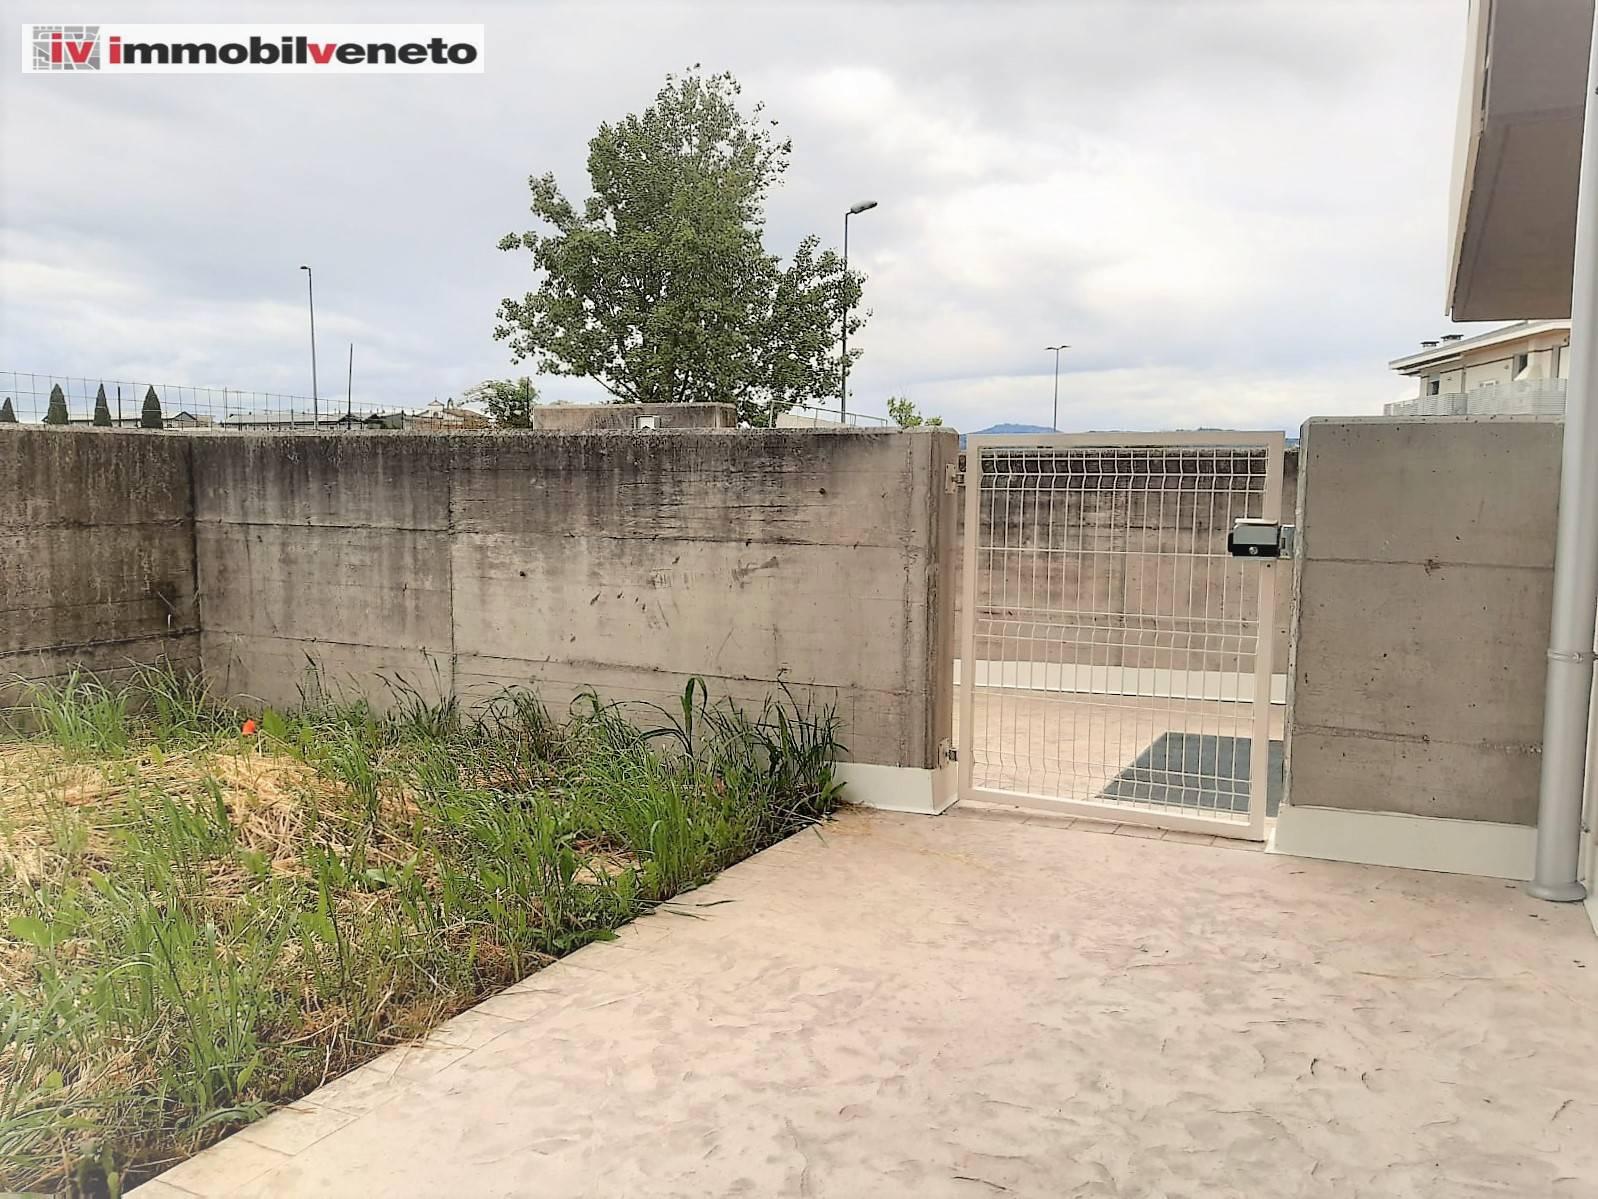 Appartamento in vendita a Sarego, 6 locali, zona Zona: Meledo, prezzo € 170.000 | CambioCasa.it